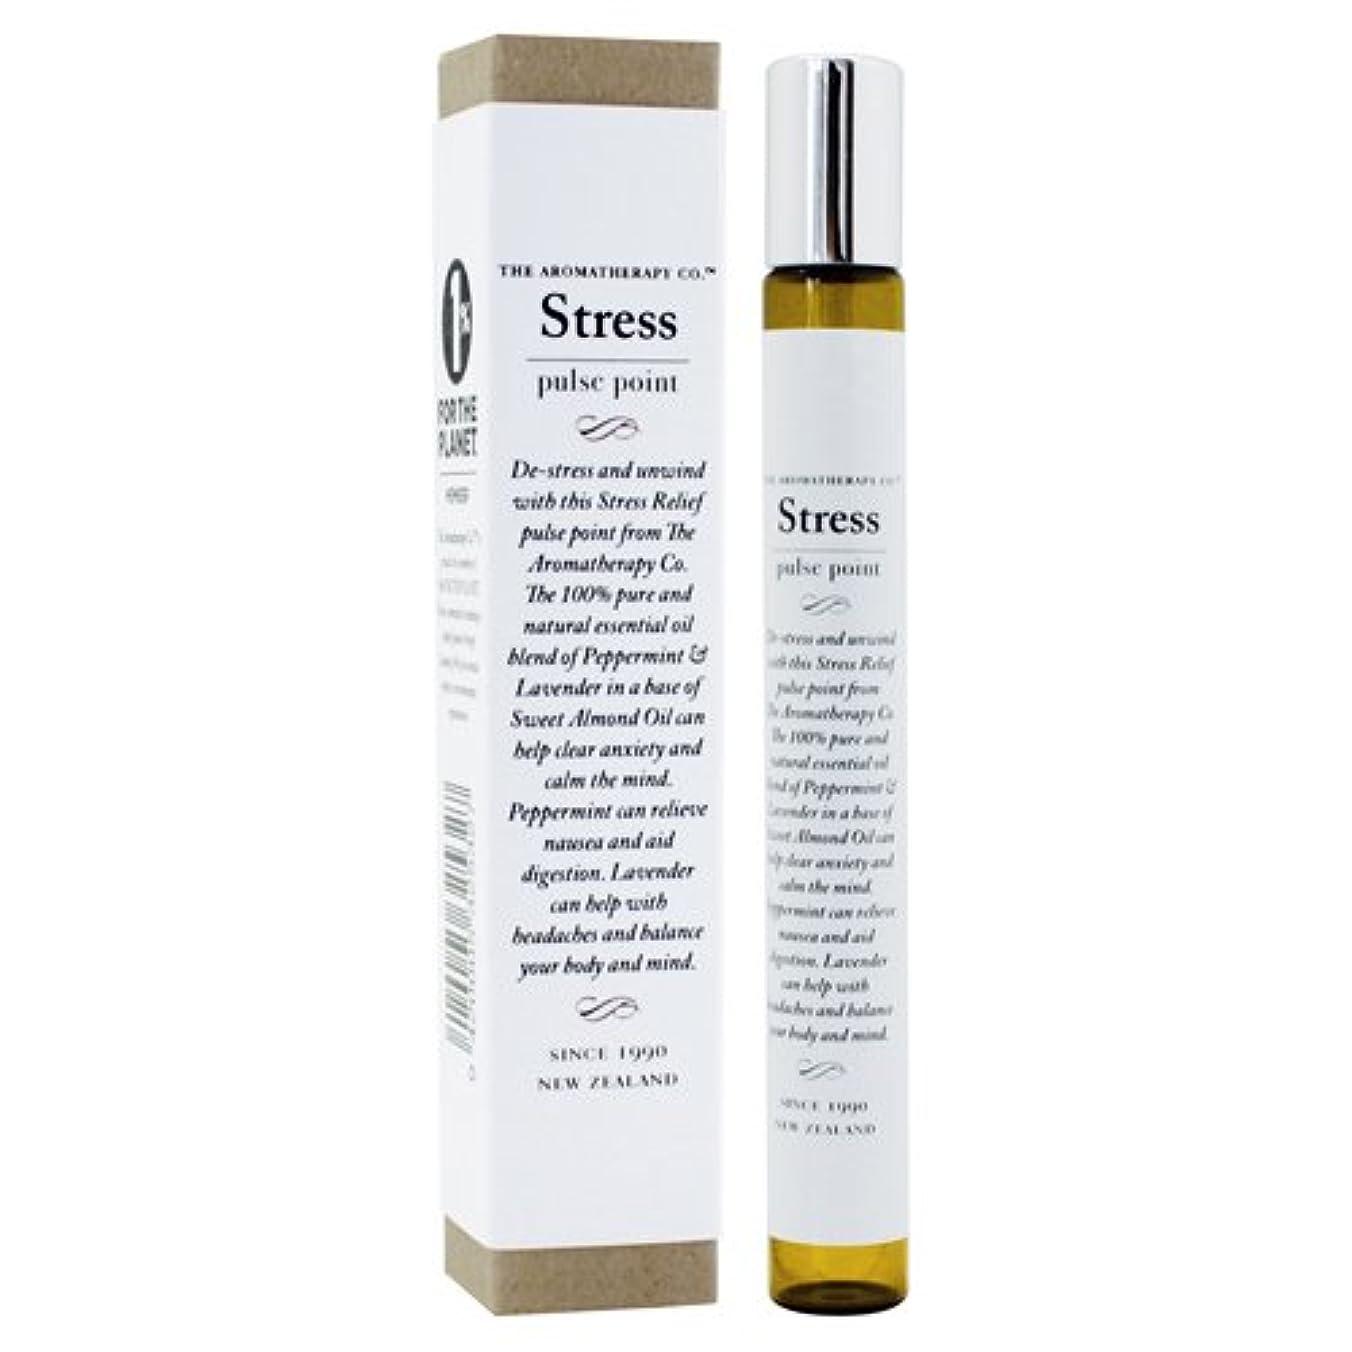 承認するレビューミルクTherapy Range セラピーレンジ Pulse Pointパルスポイント Stressストレス